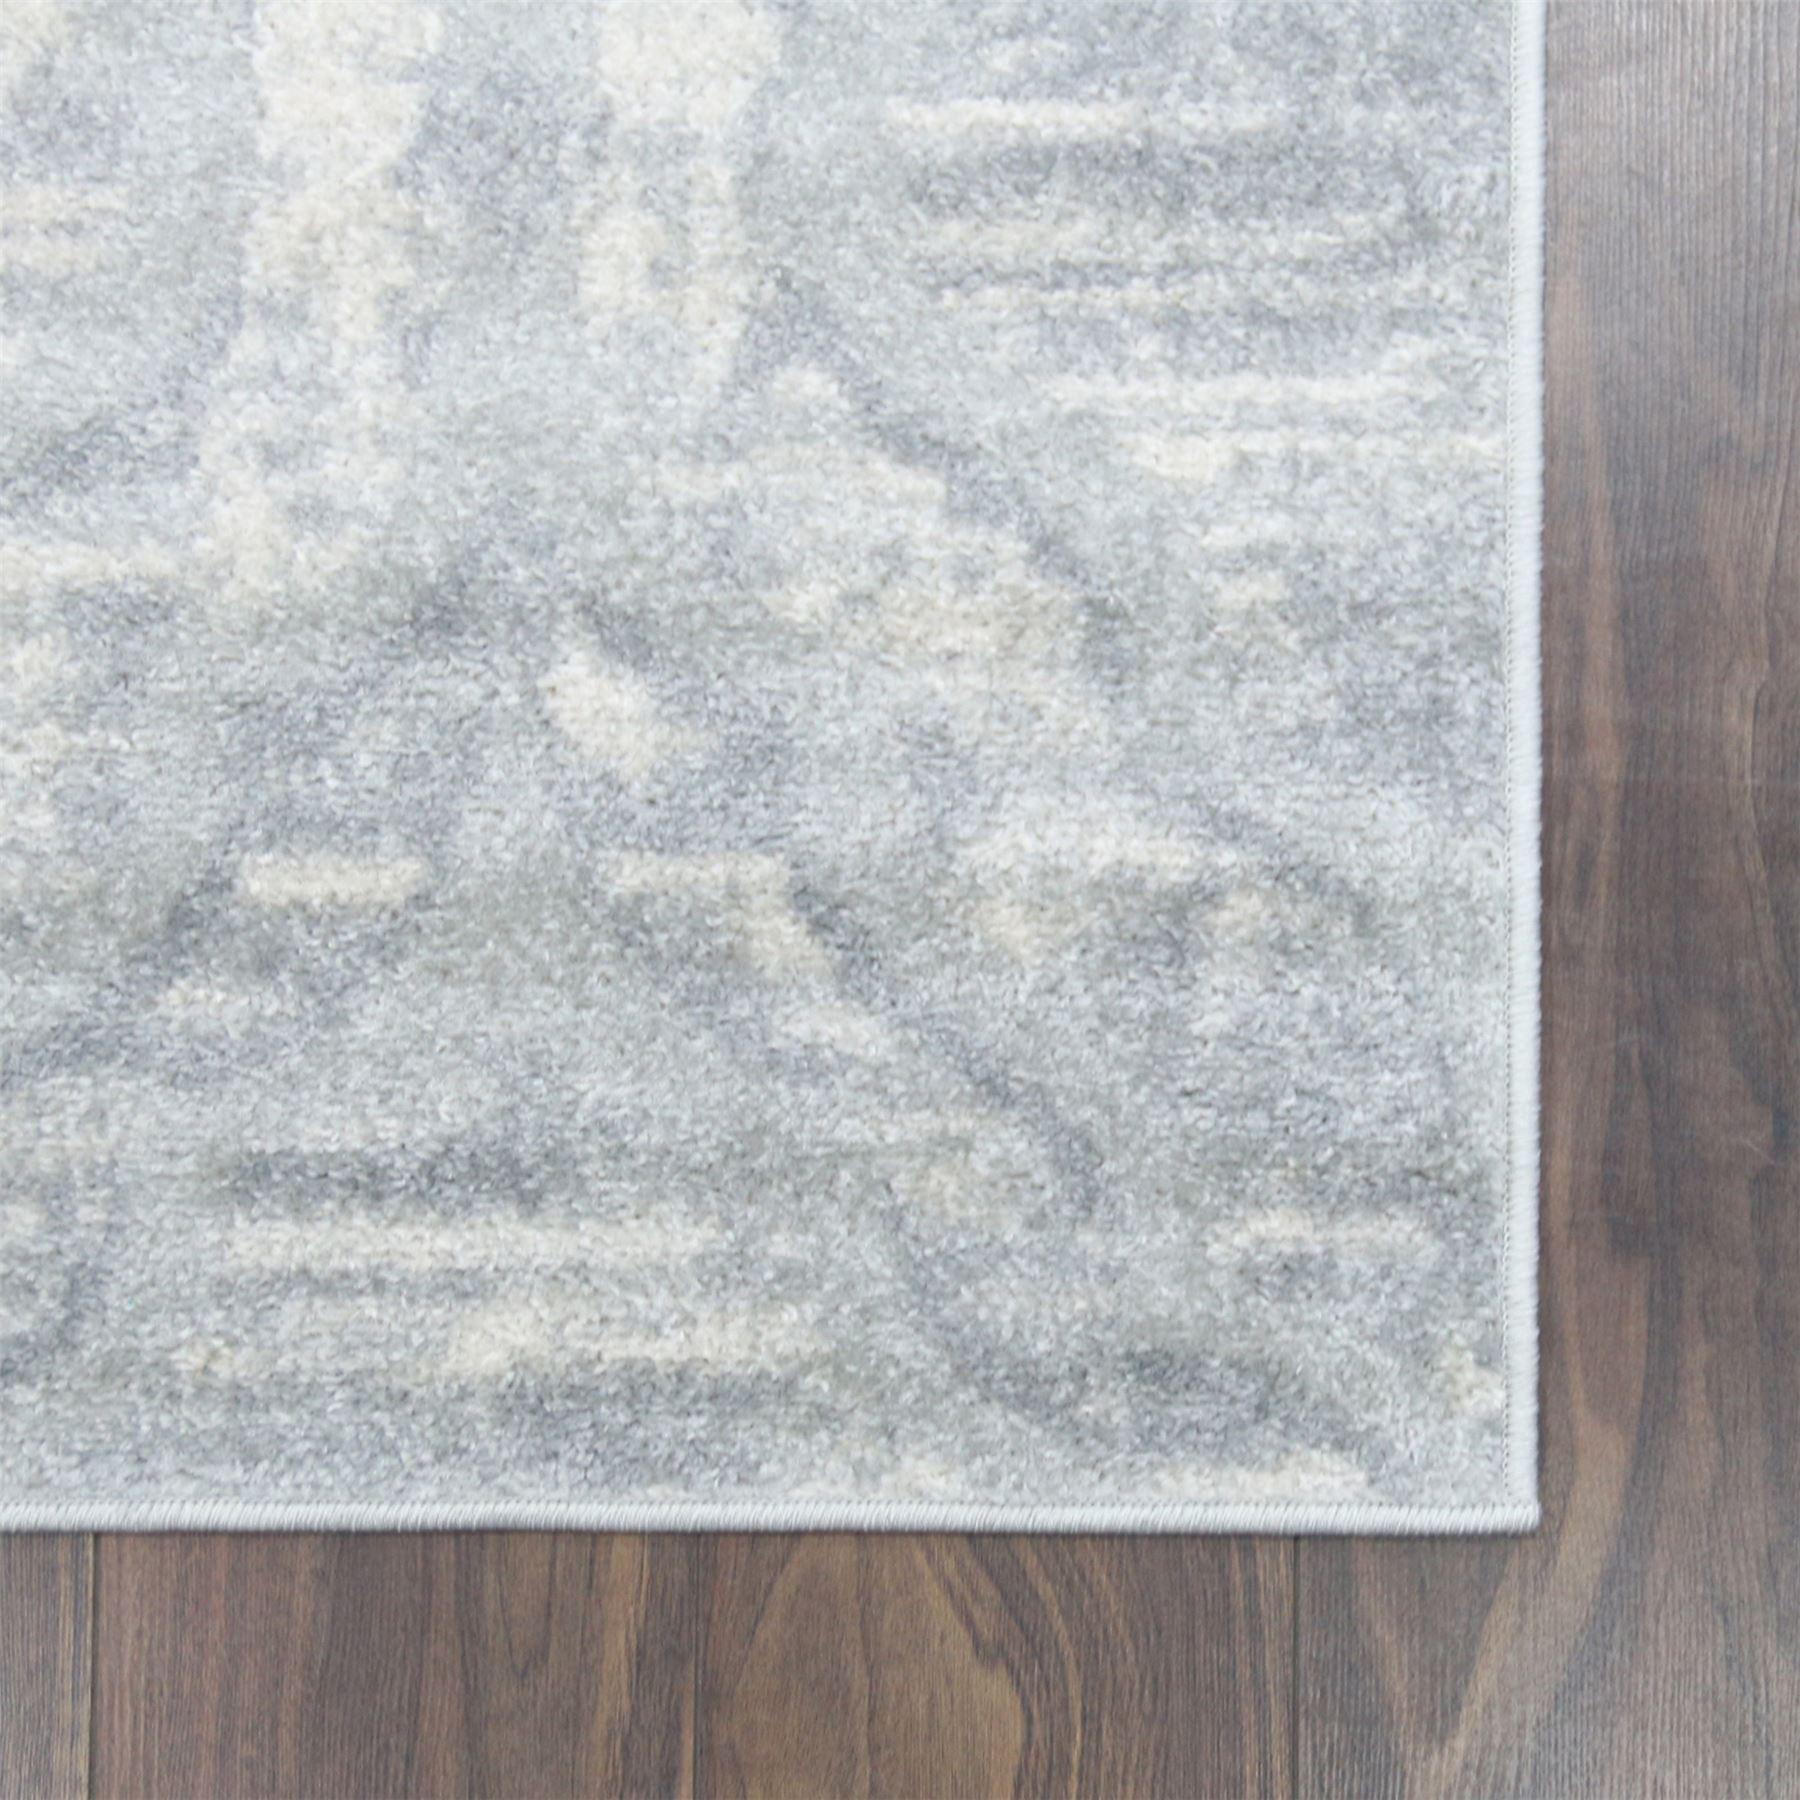 A2Z-grigio-grande-mix-di-moderni-tappeti-VINTAGE-dissolvenza-modelli-Design-Arredamento-Corridori miniatura 3